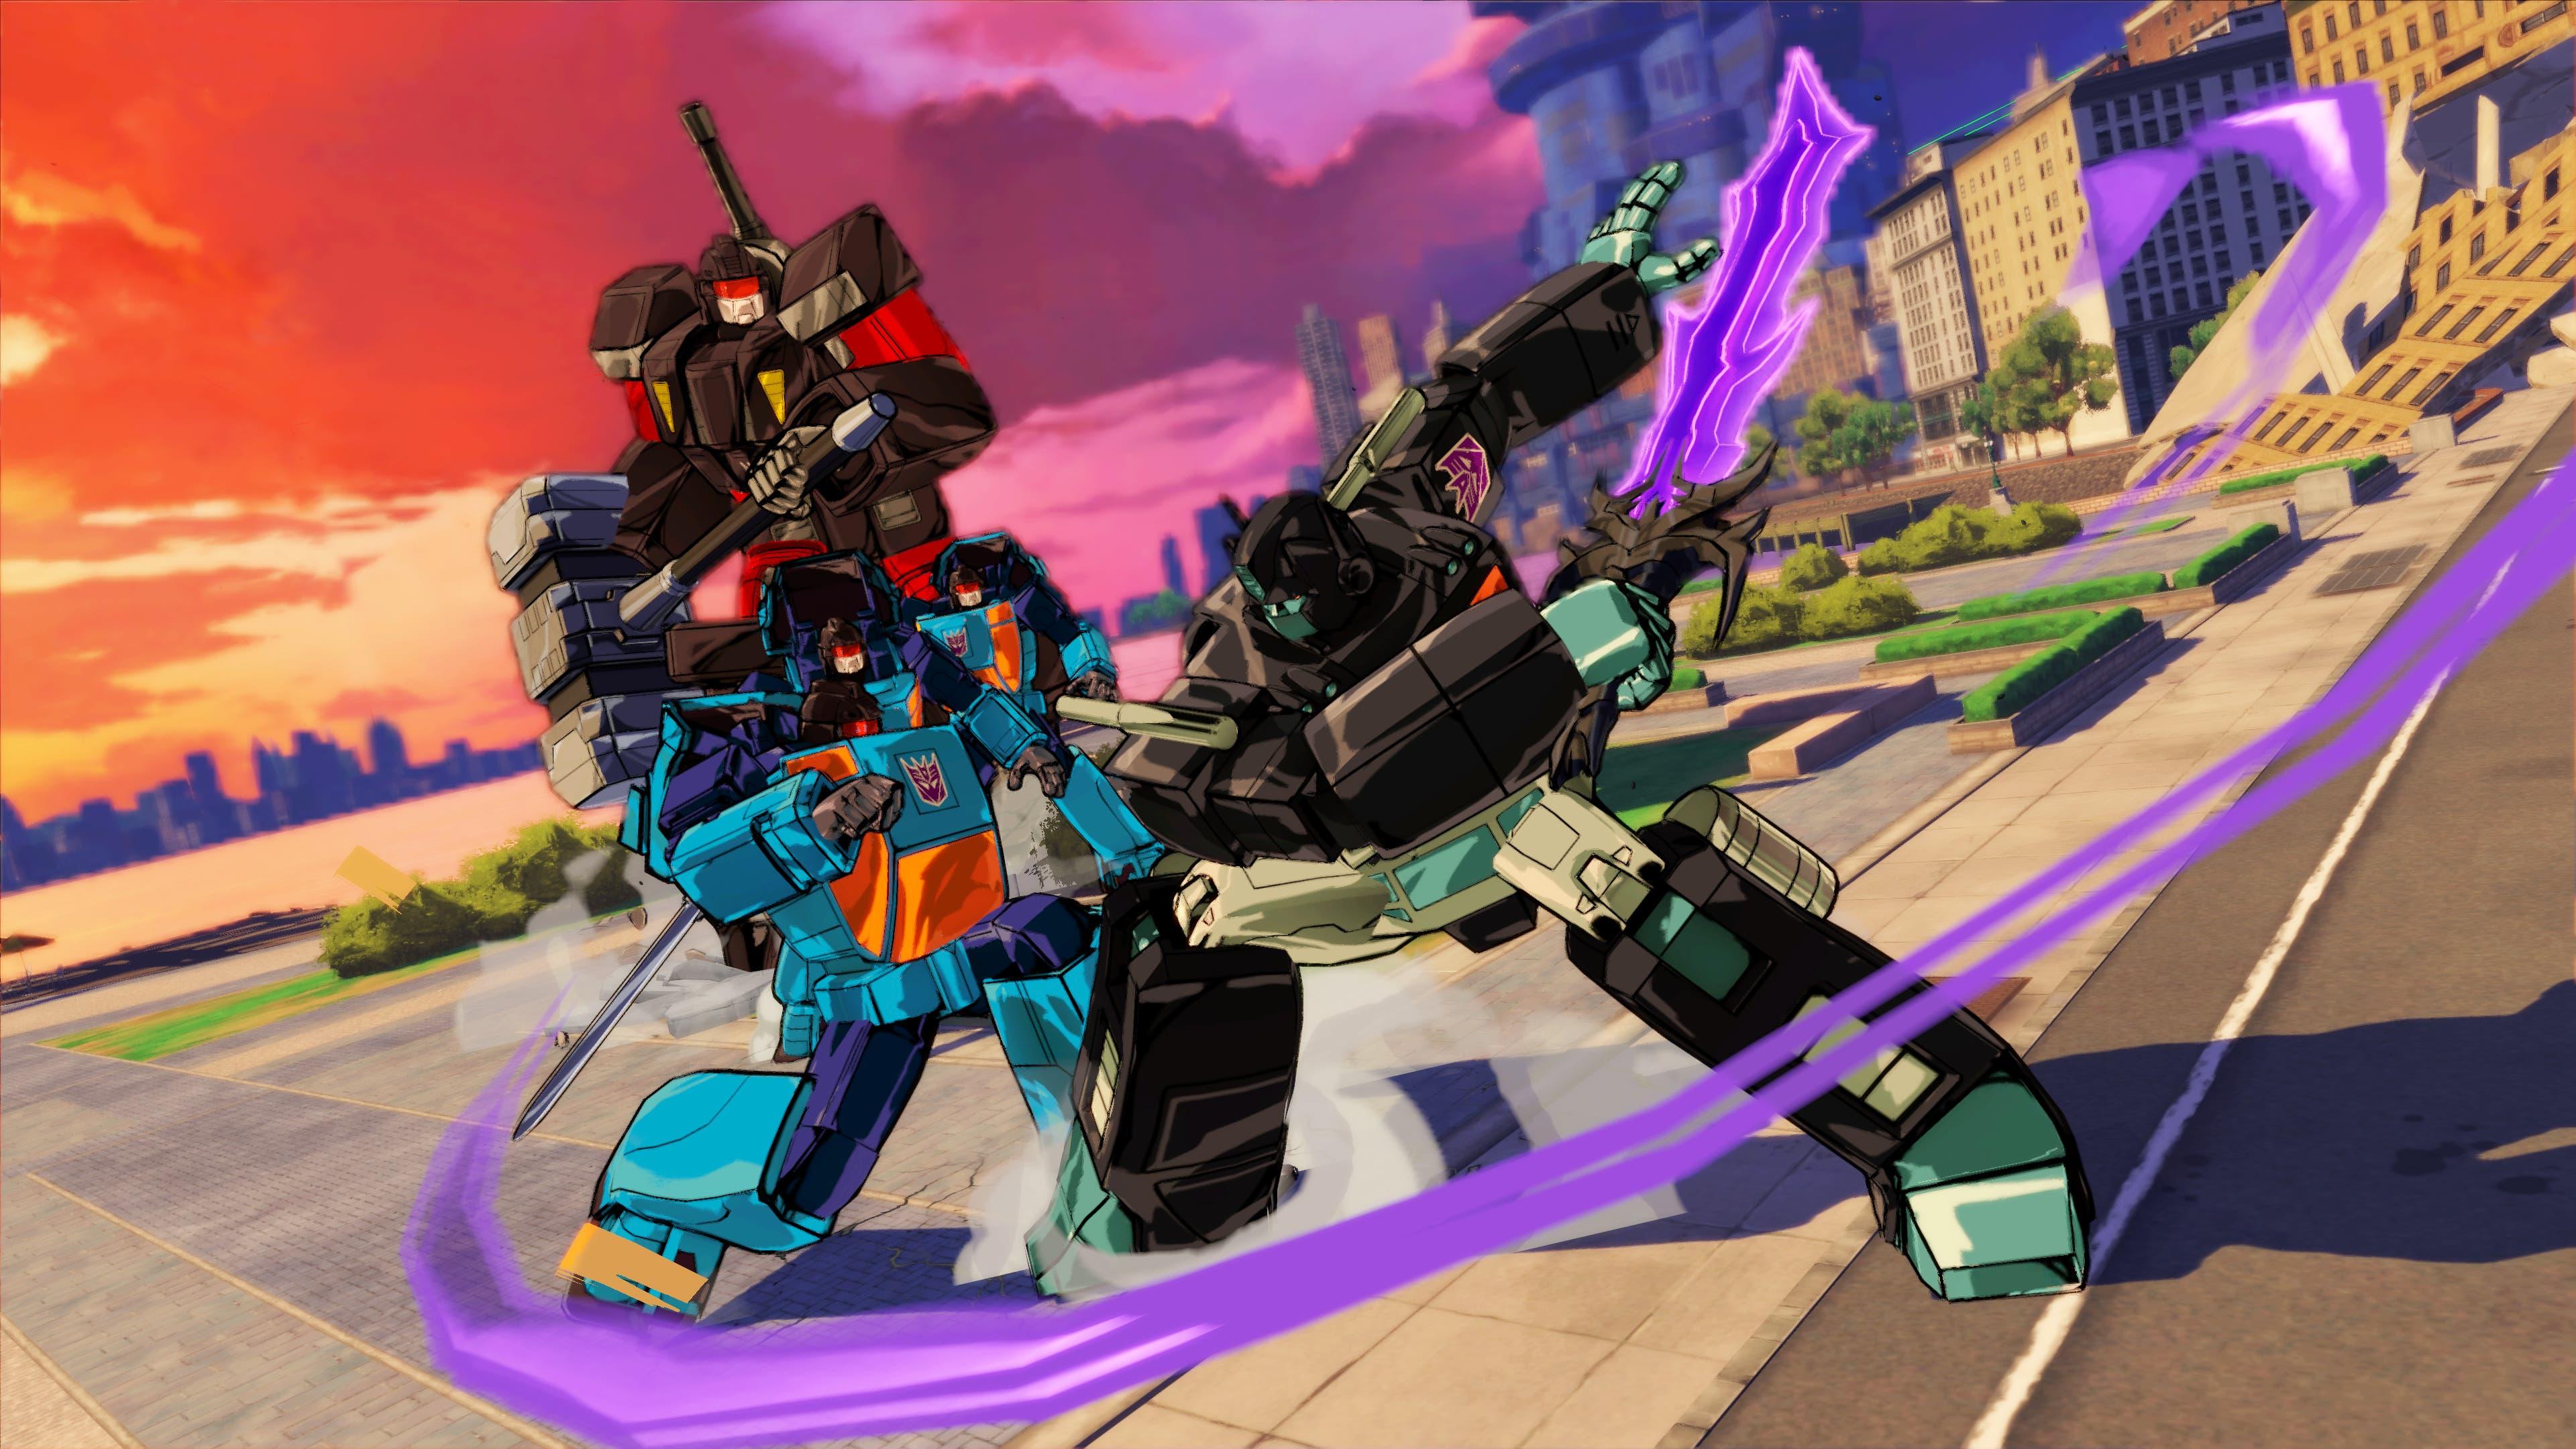 TransformersDevastation_DLCScreen2